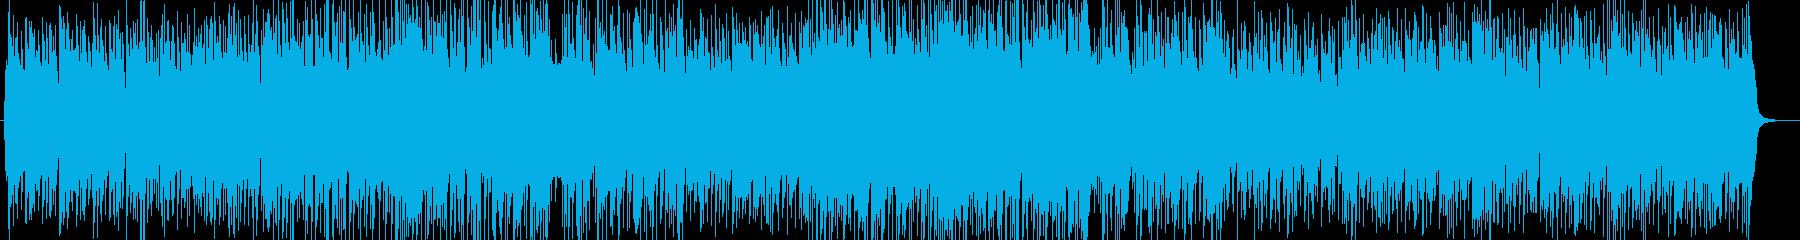 軽やかで軽快なバイオリンとピアノポップスの再生済みの波形